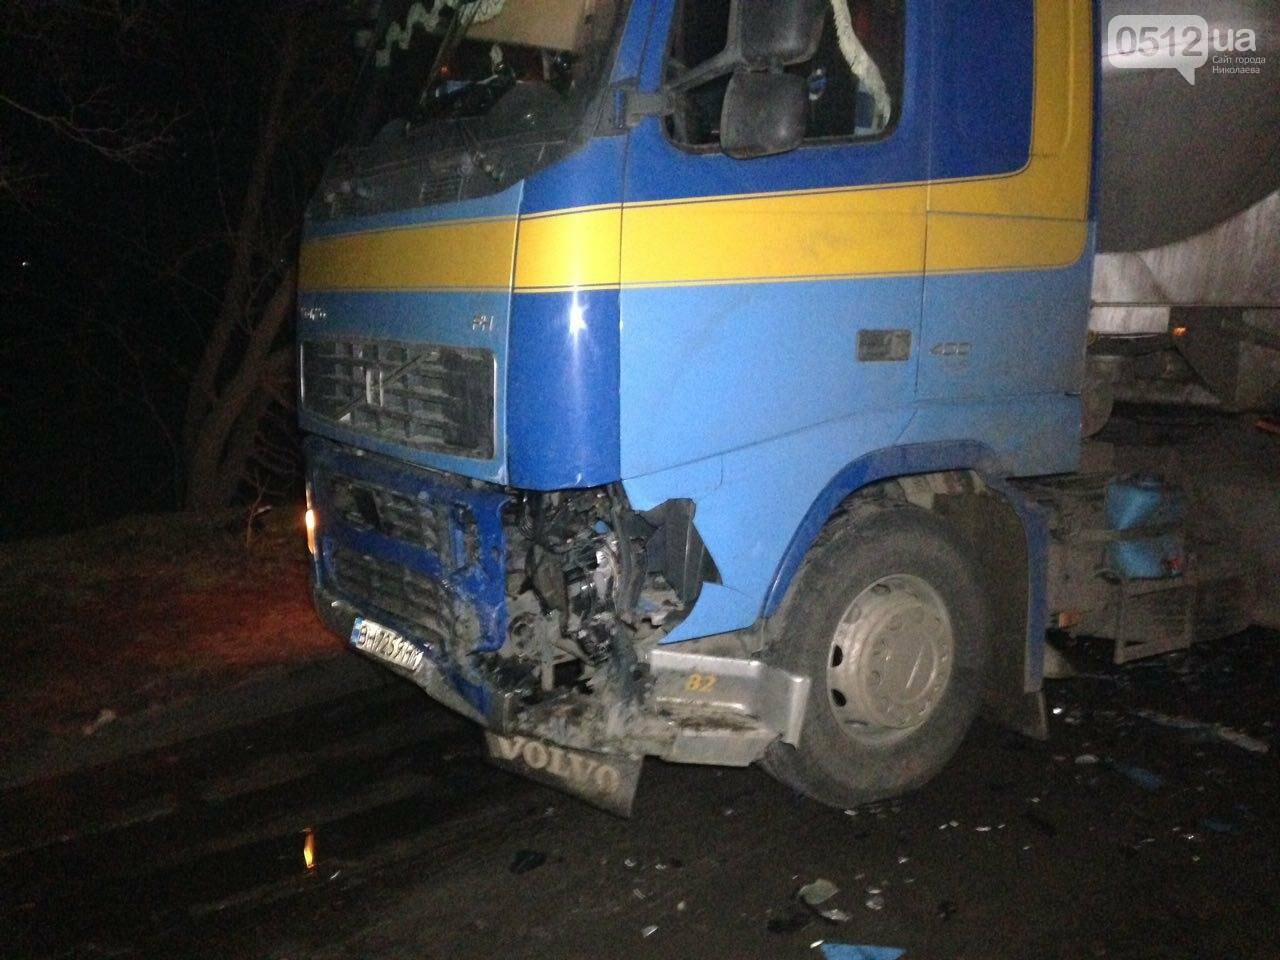 """На въезде в Николаев """"легковушка"""" лоб в лоб столкнулась с грузовиком - есть пострадавшие, - ФОТО, ВИДЕО, фото-13"""